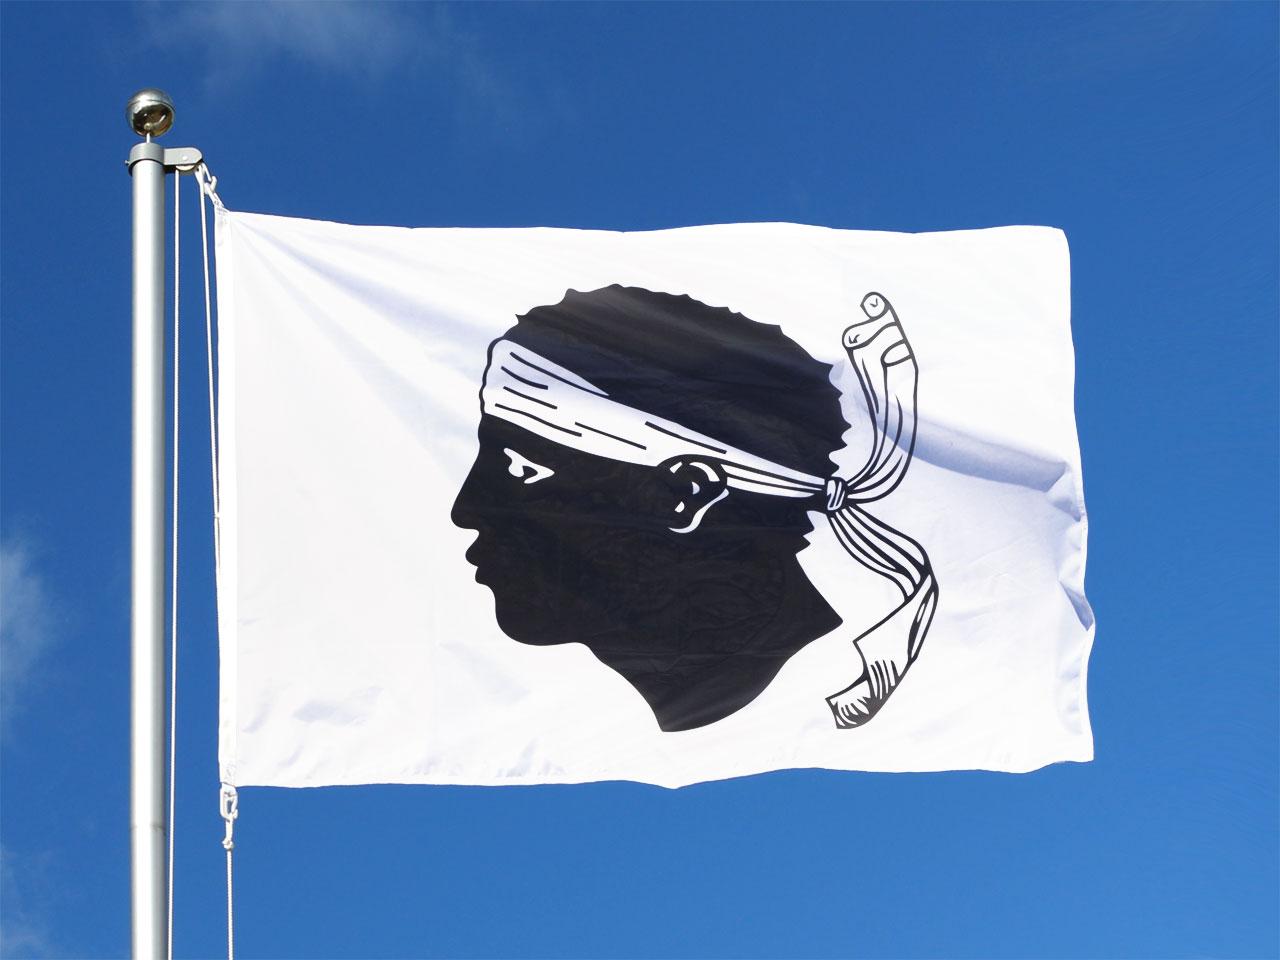 drapeau corse acheter drapeau corse pas cher m des drapeaux. Black Bedroom Furniture Sets. Home Design Ideas